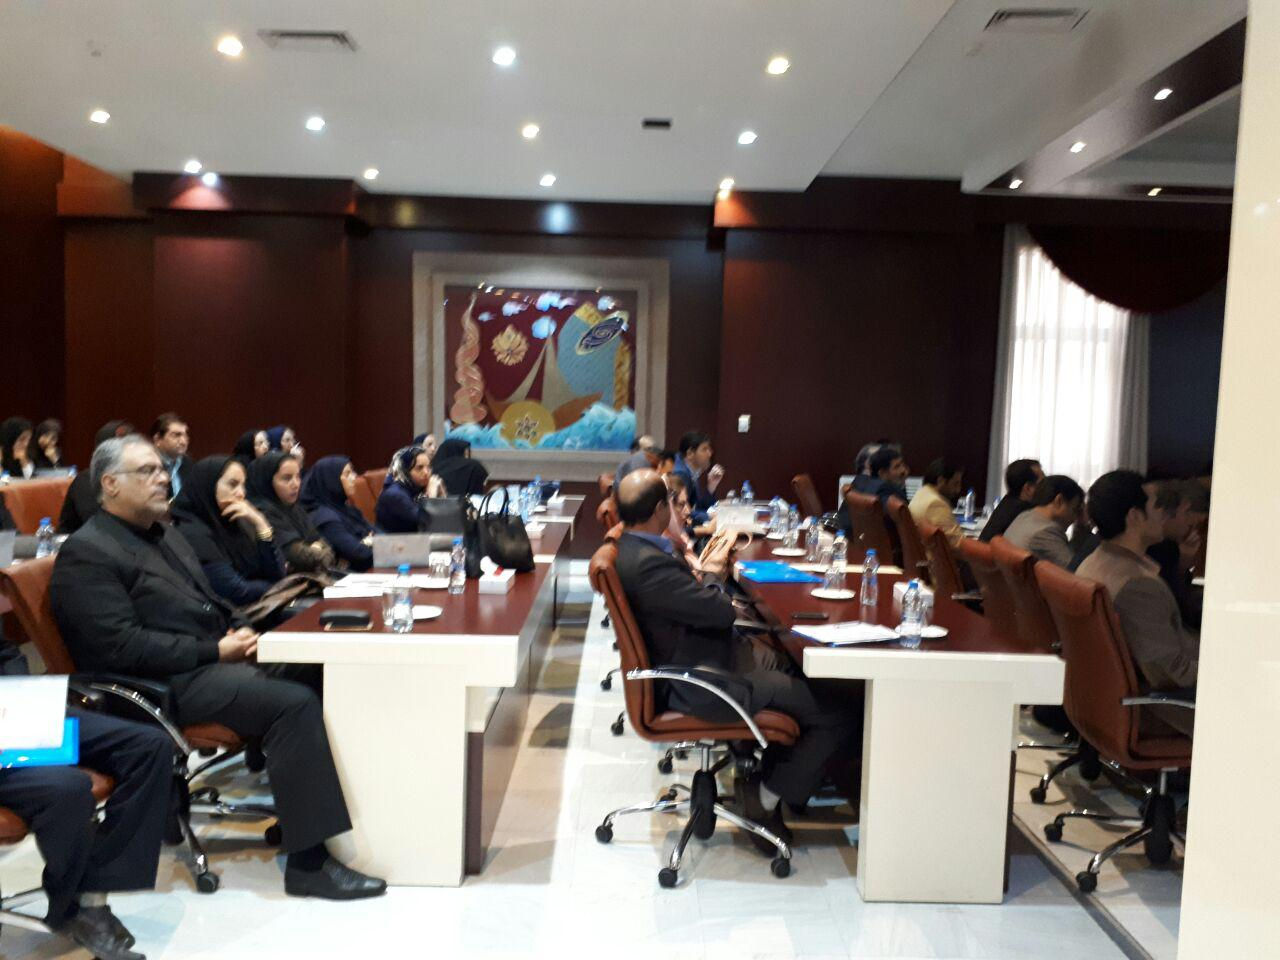 برگزاری سمینار آموزش پرستاری دستگاه های دیالیز  4008s Classic فرزنیوس در مشهد 27